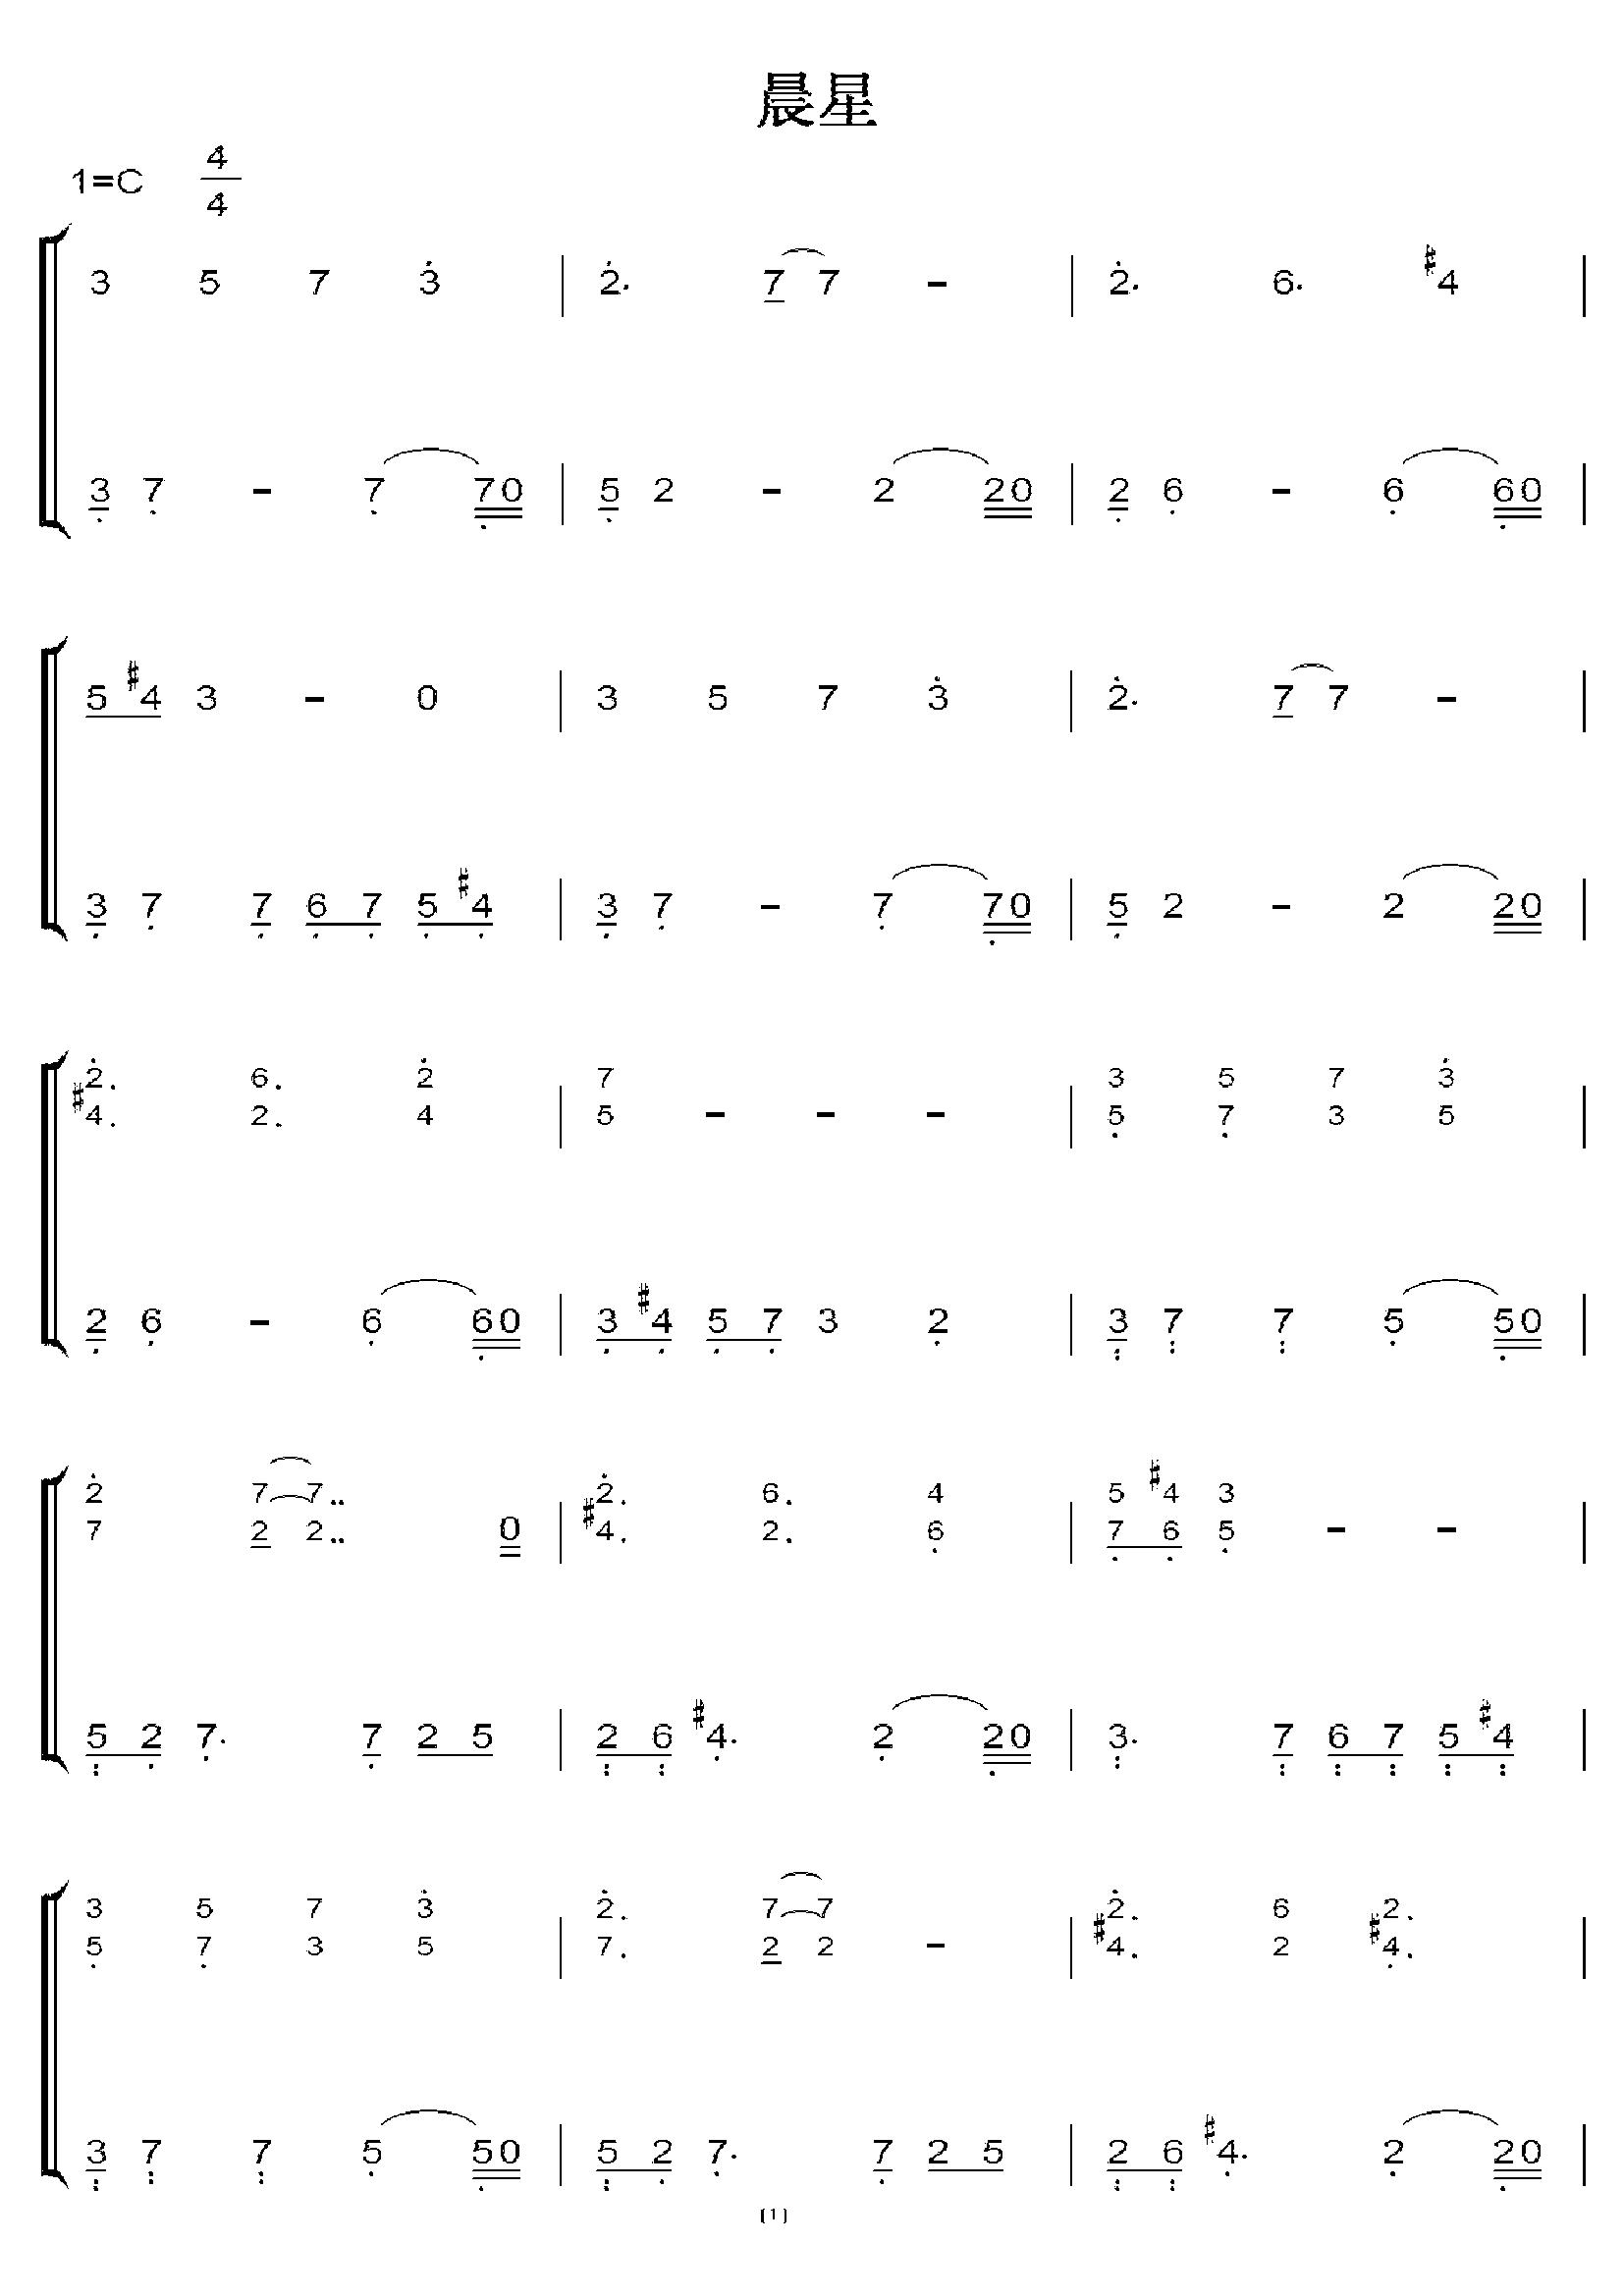 晨星 林海 钢琴双手简谱 钢琴谱图片